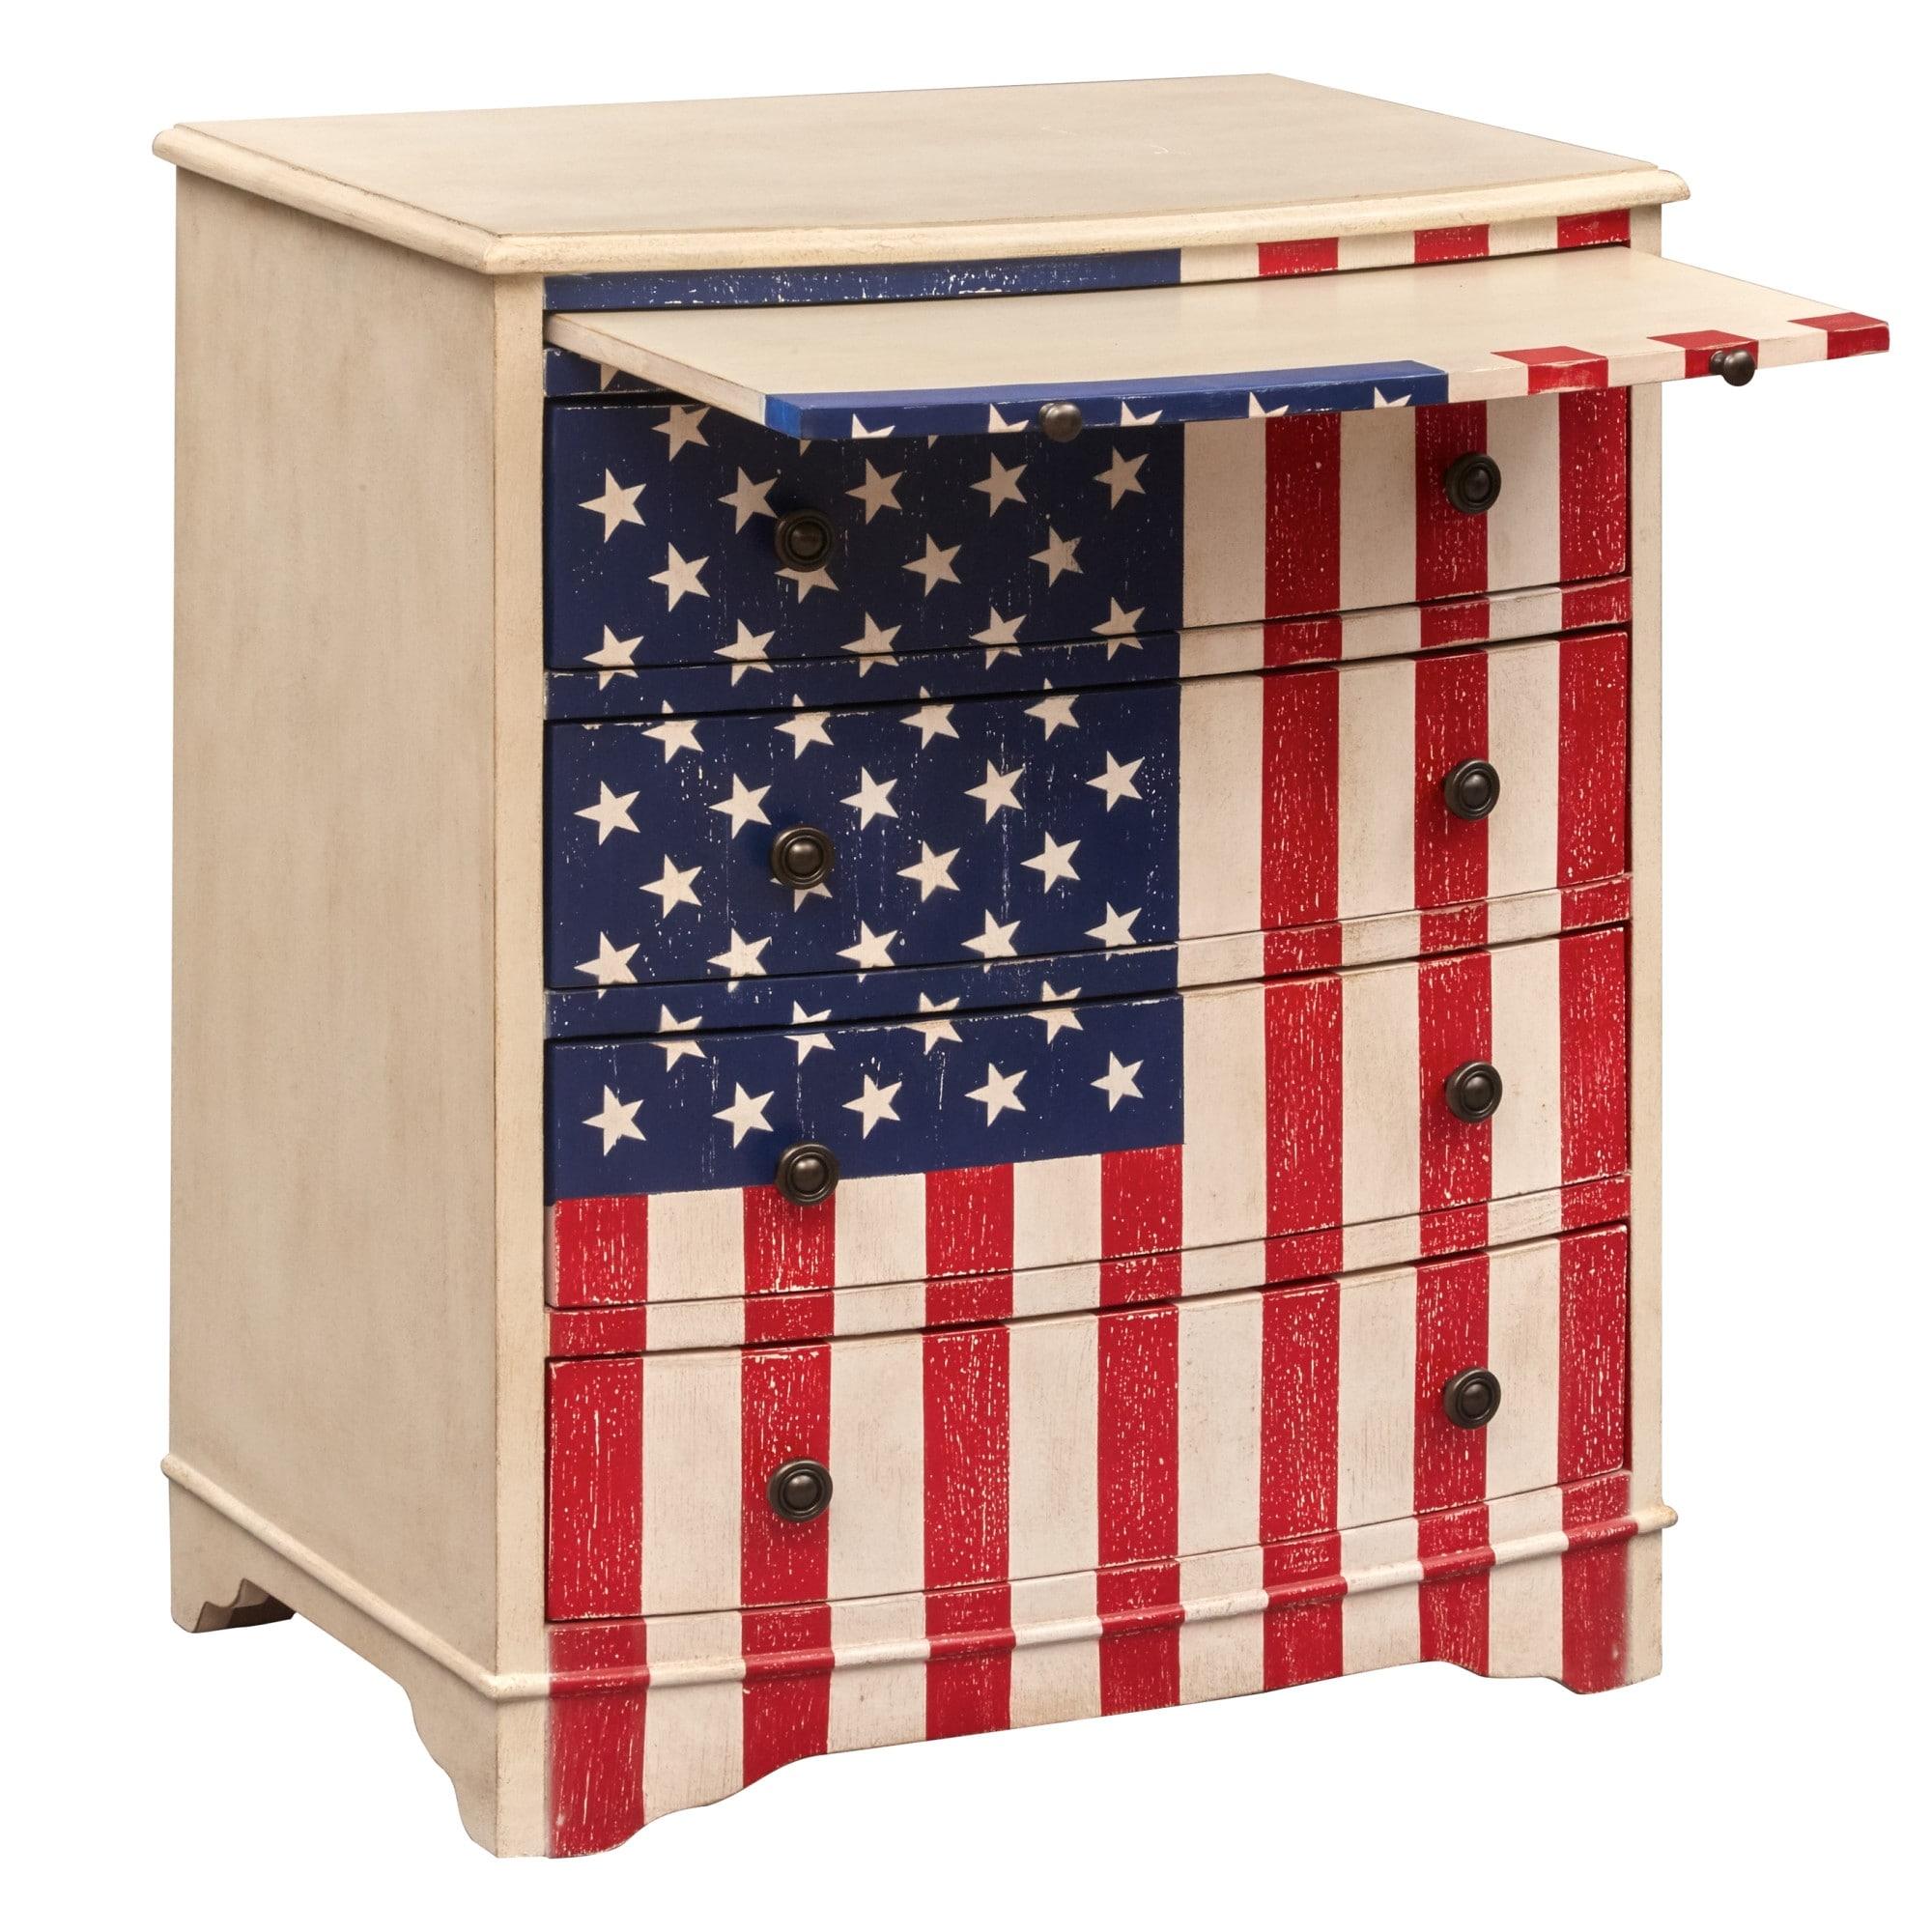 Delacora Hm Ds D018004 American Flag